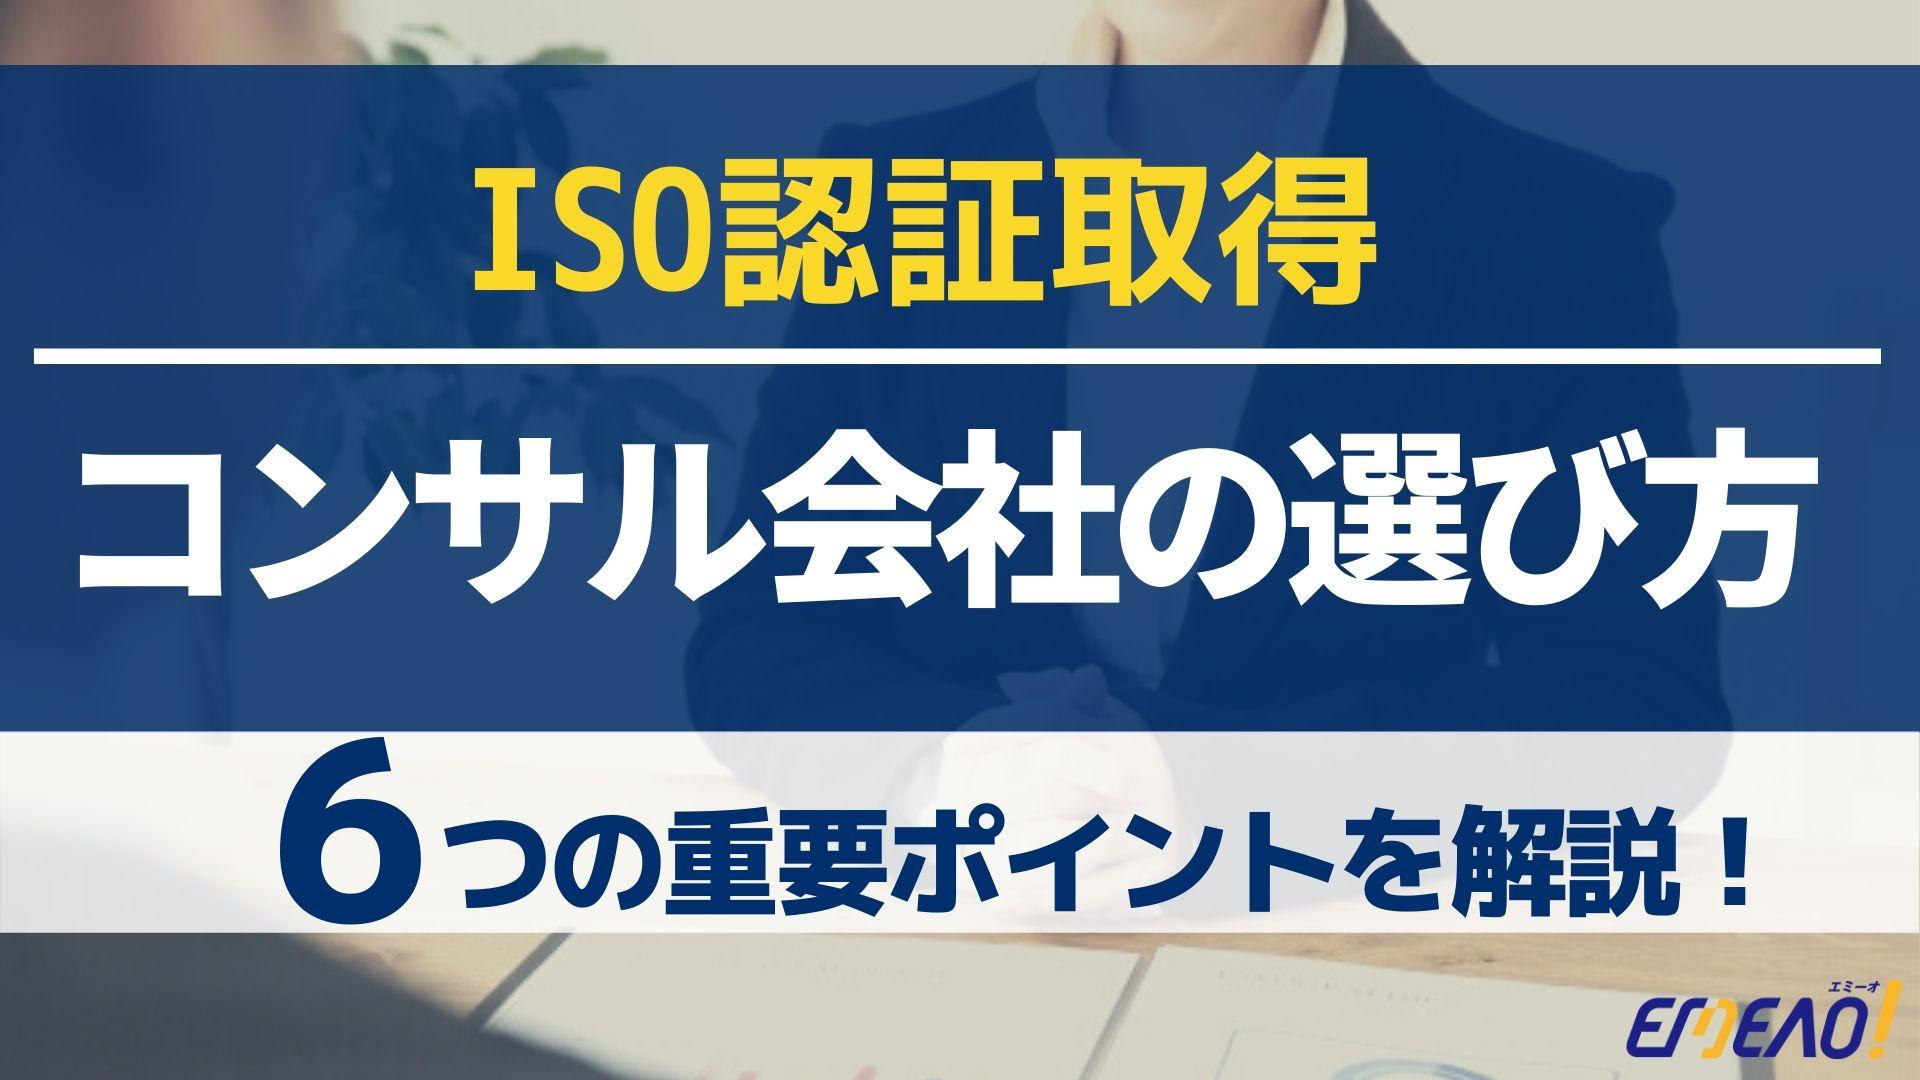 7676831f031787737cb4322828eef303 - ISO認証取得コンサルティング会社選びの6つのポイント